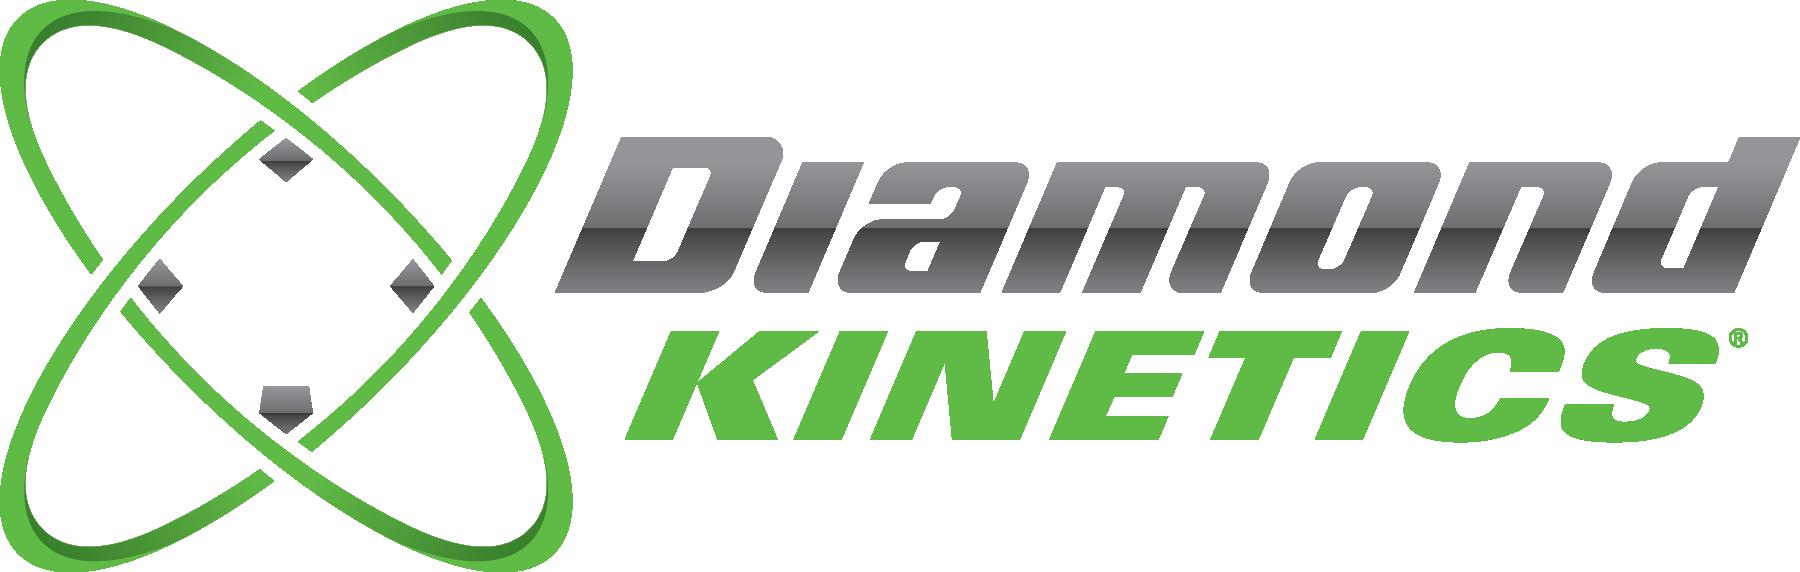 dk-logo-full-light